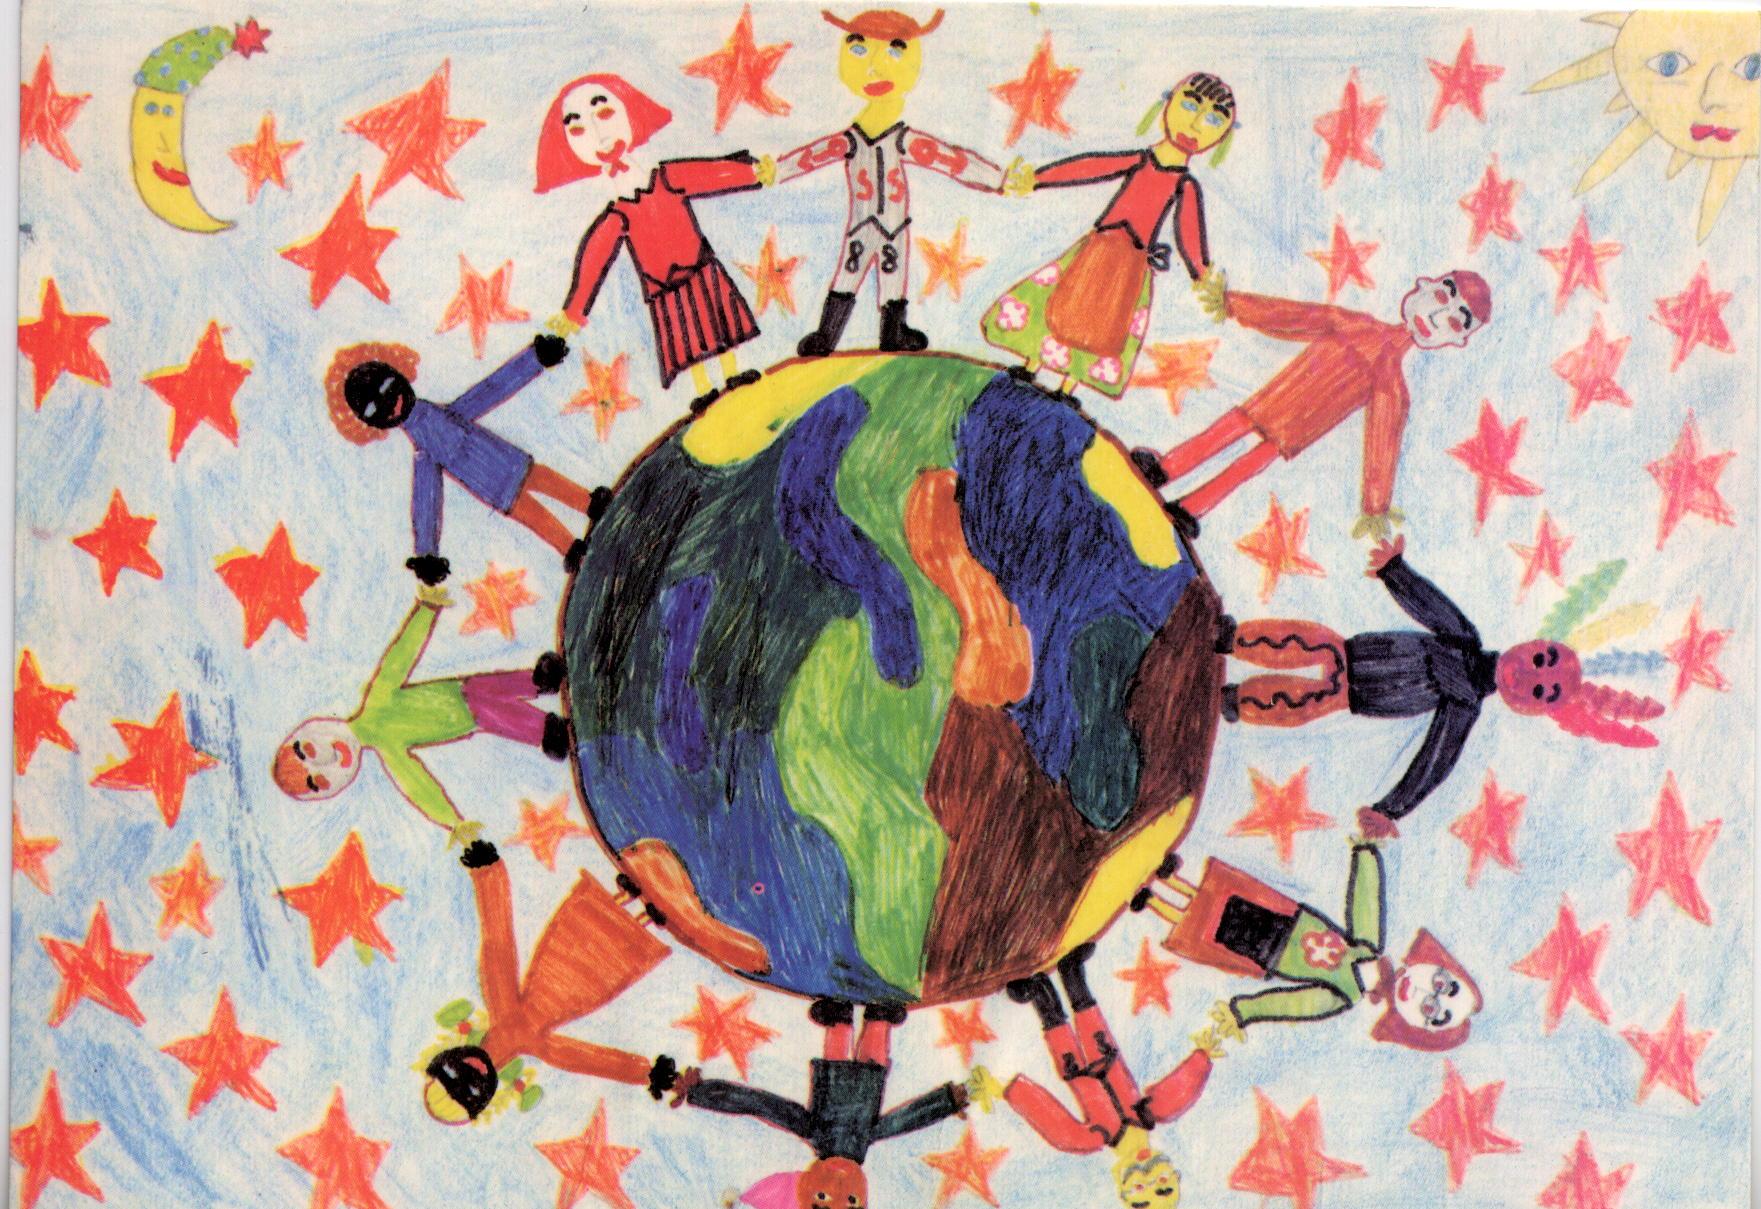 Рисунок мир согласие начале двадцатого